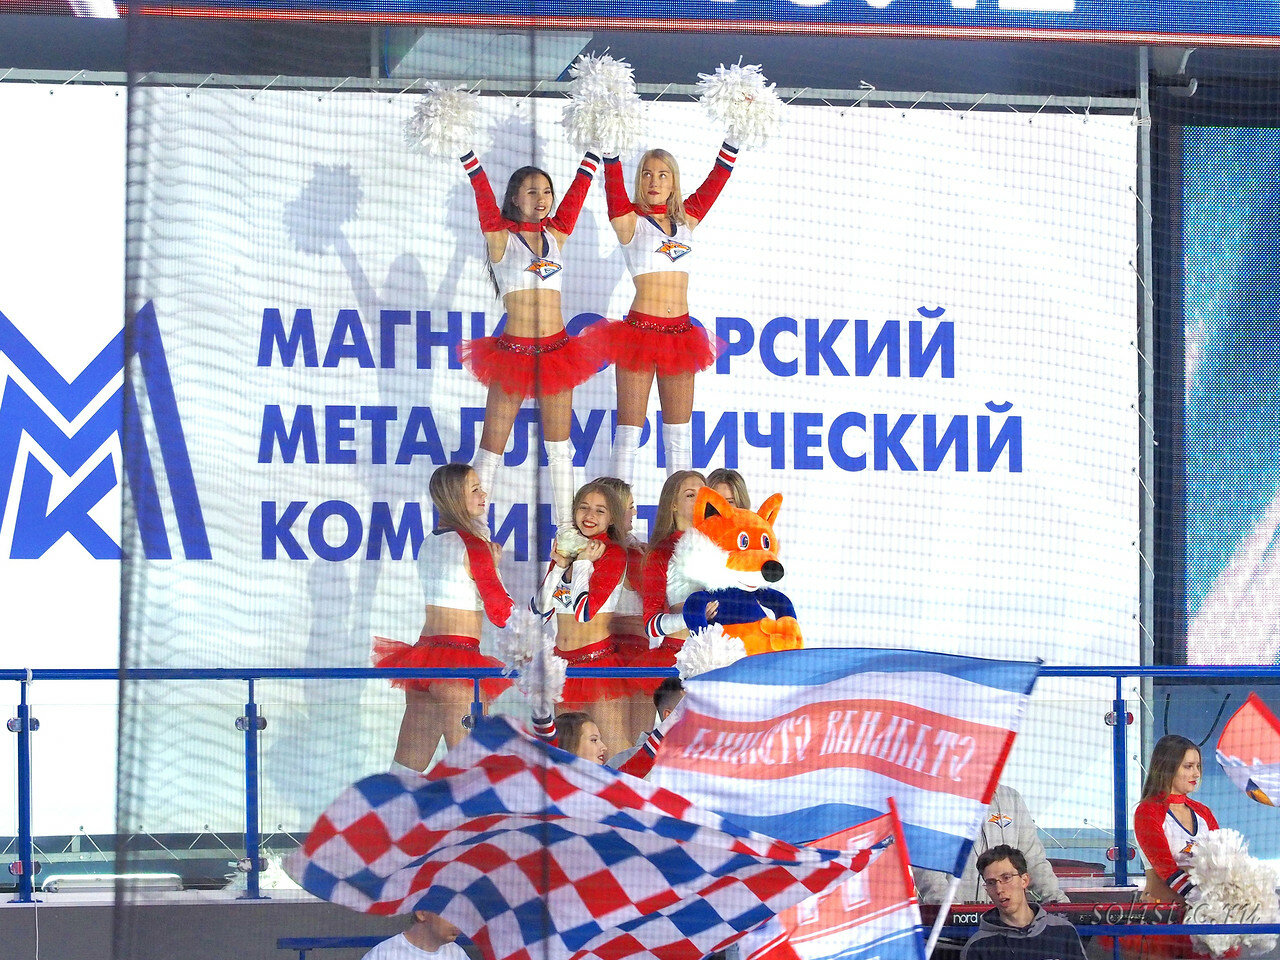 50 Металлург - Автомобилист 07.03.2018